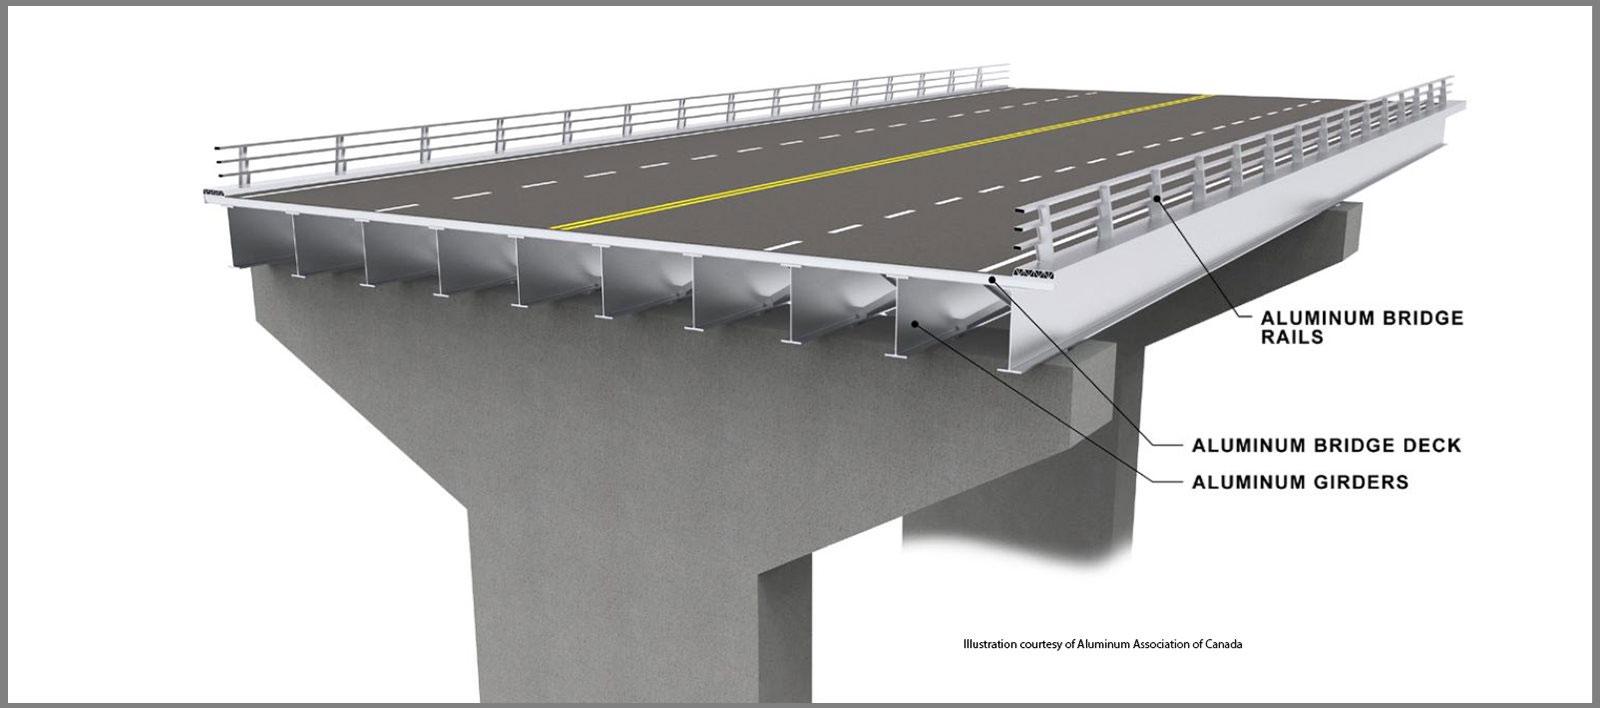 铝合金桥梁结构图